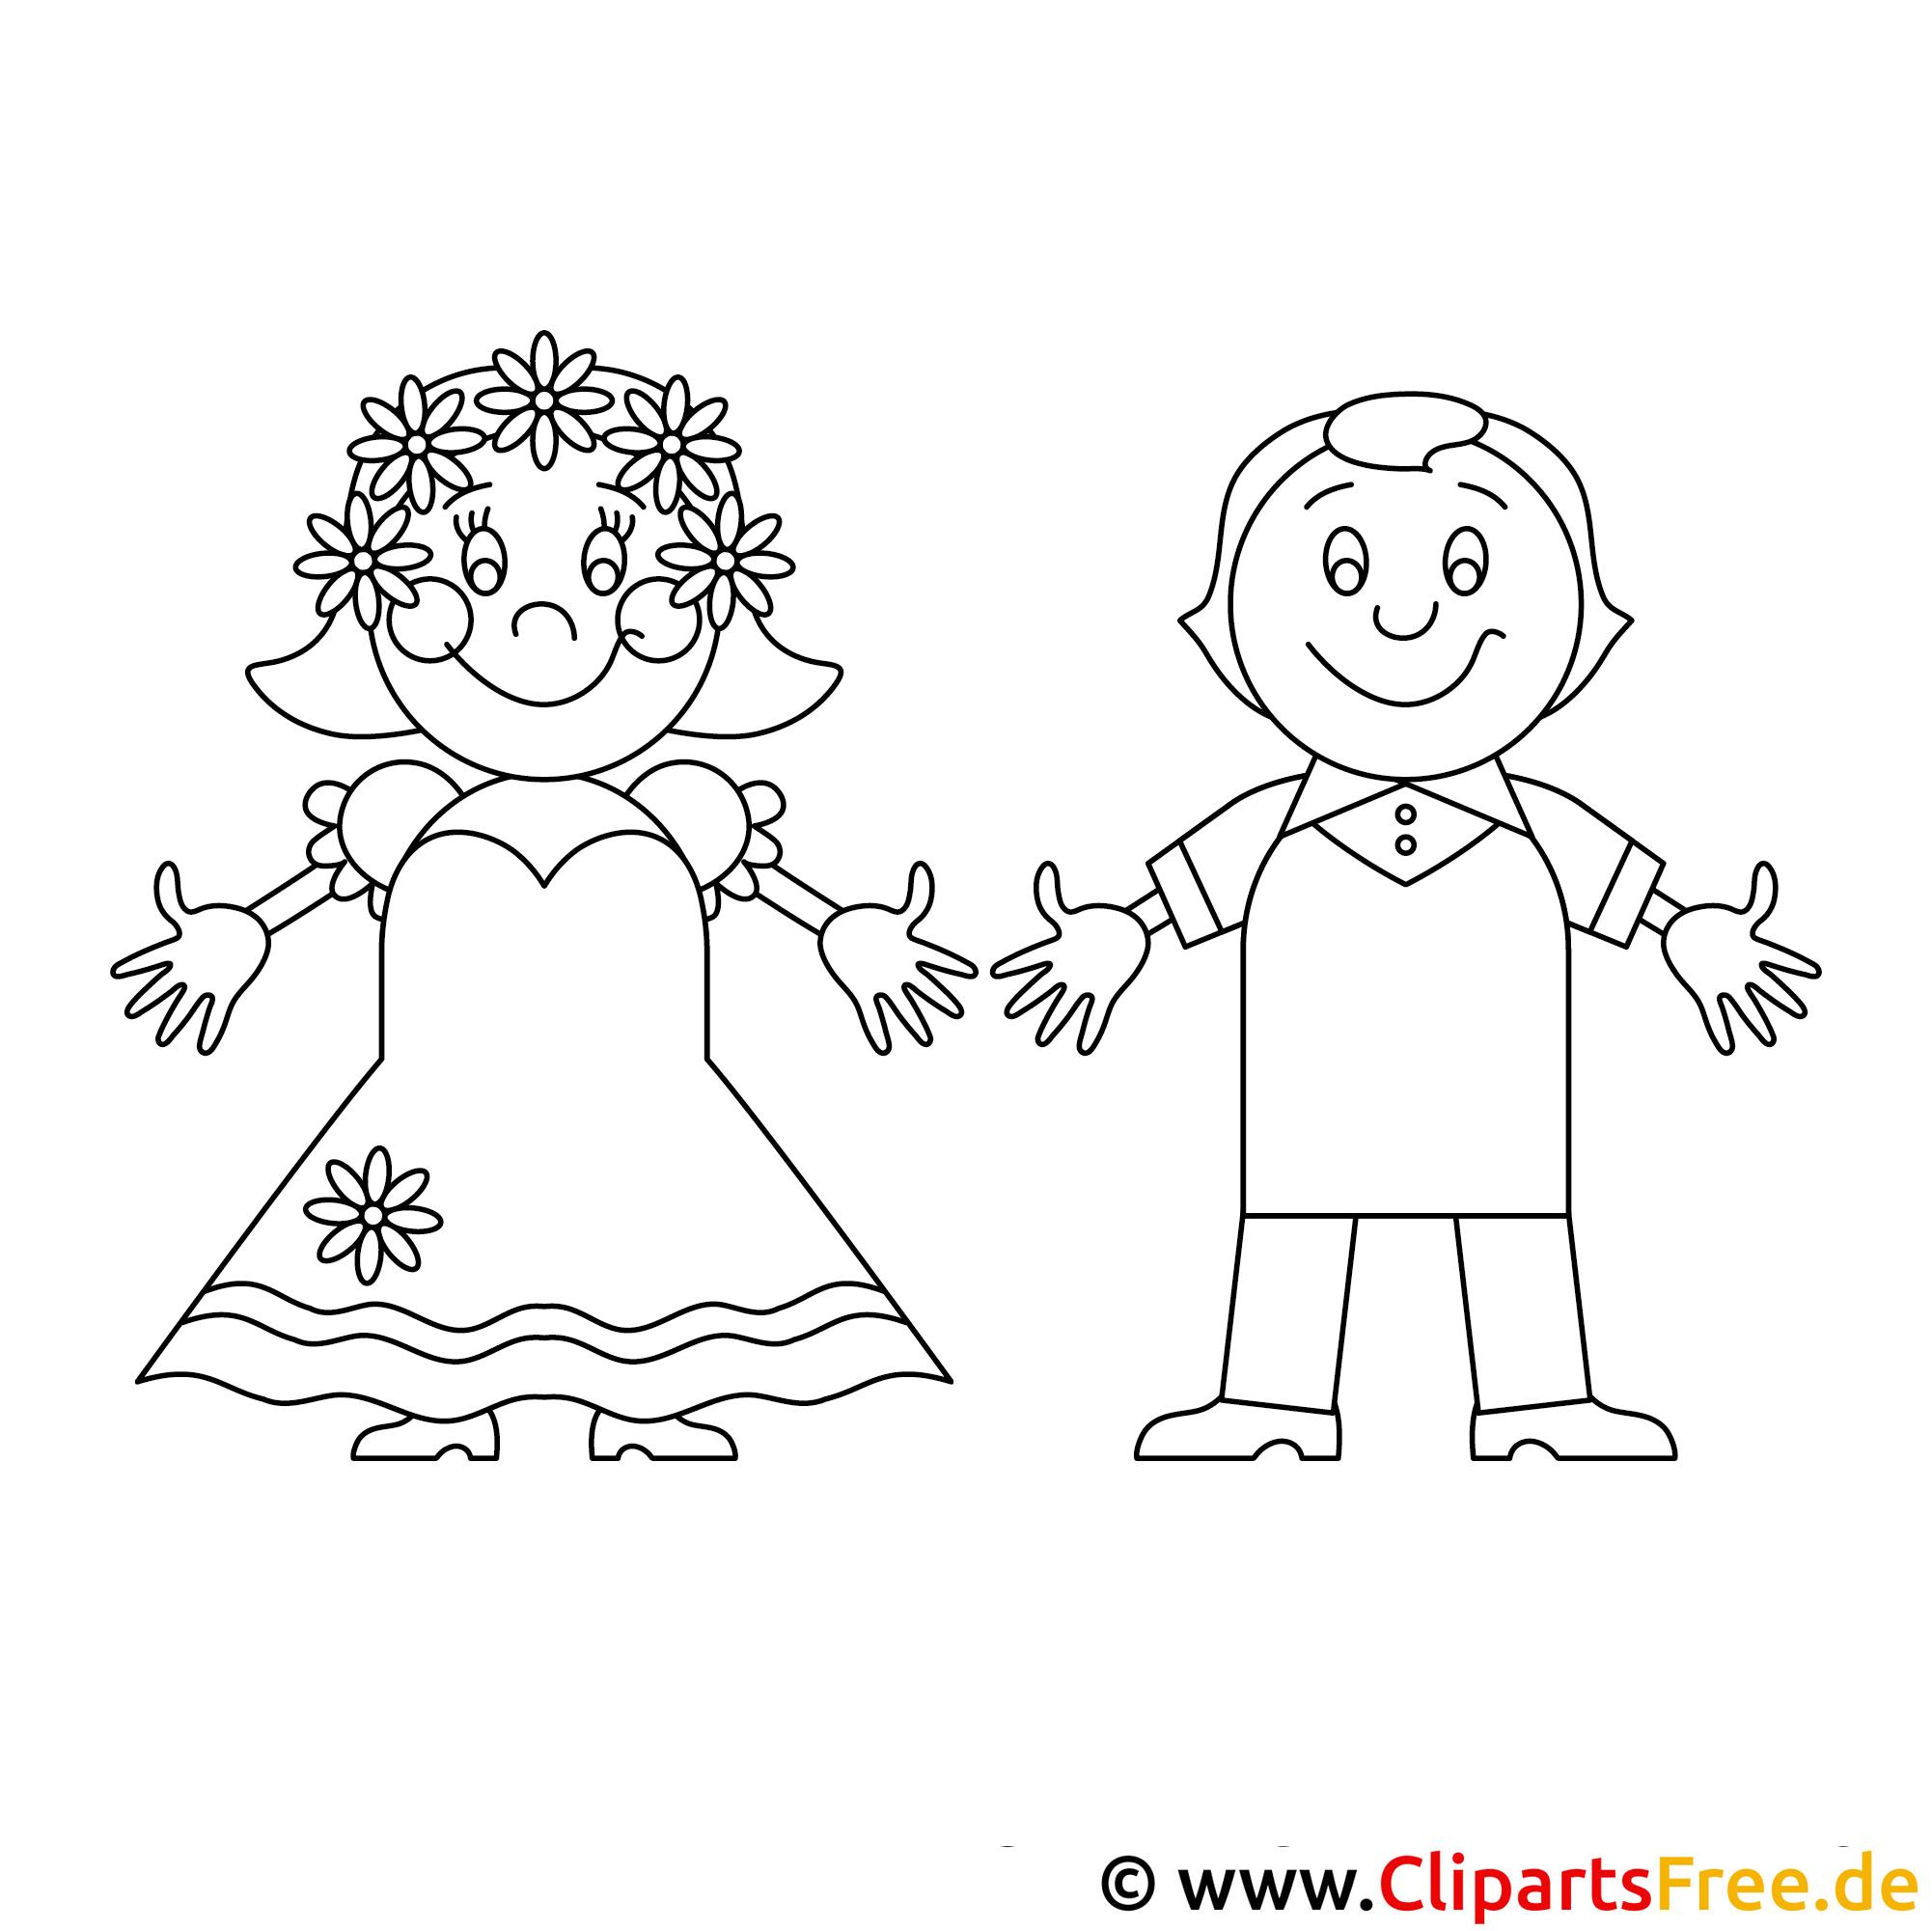 Brautpaar Bild zum Ausmalen